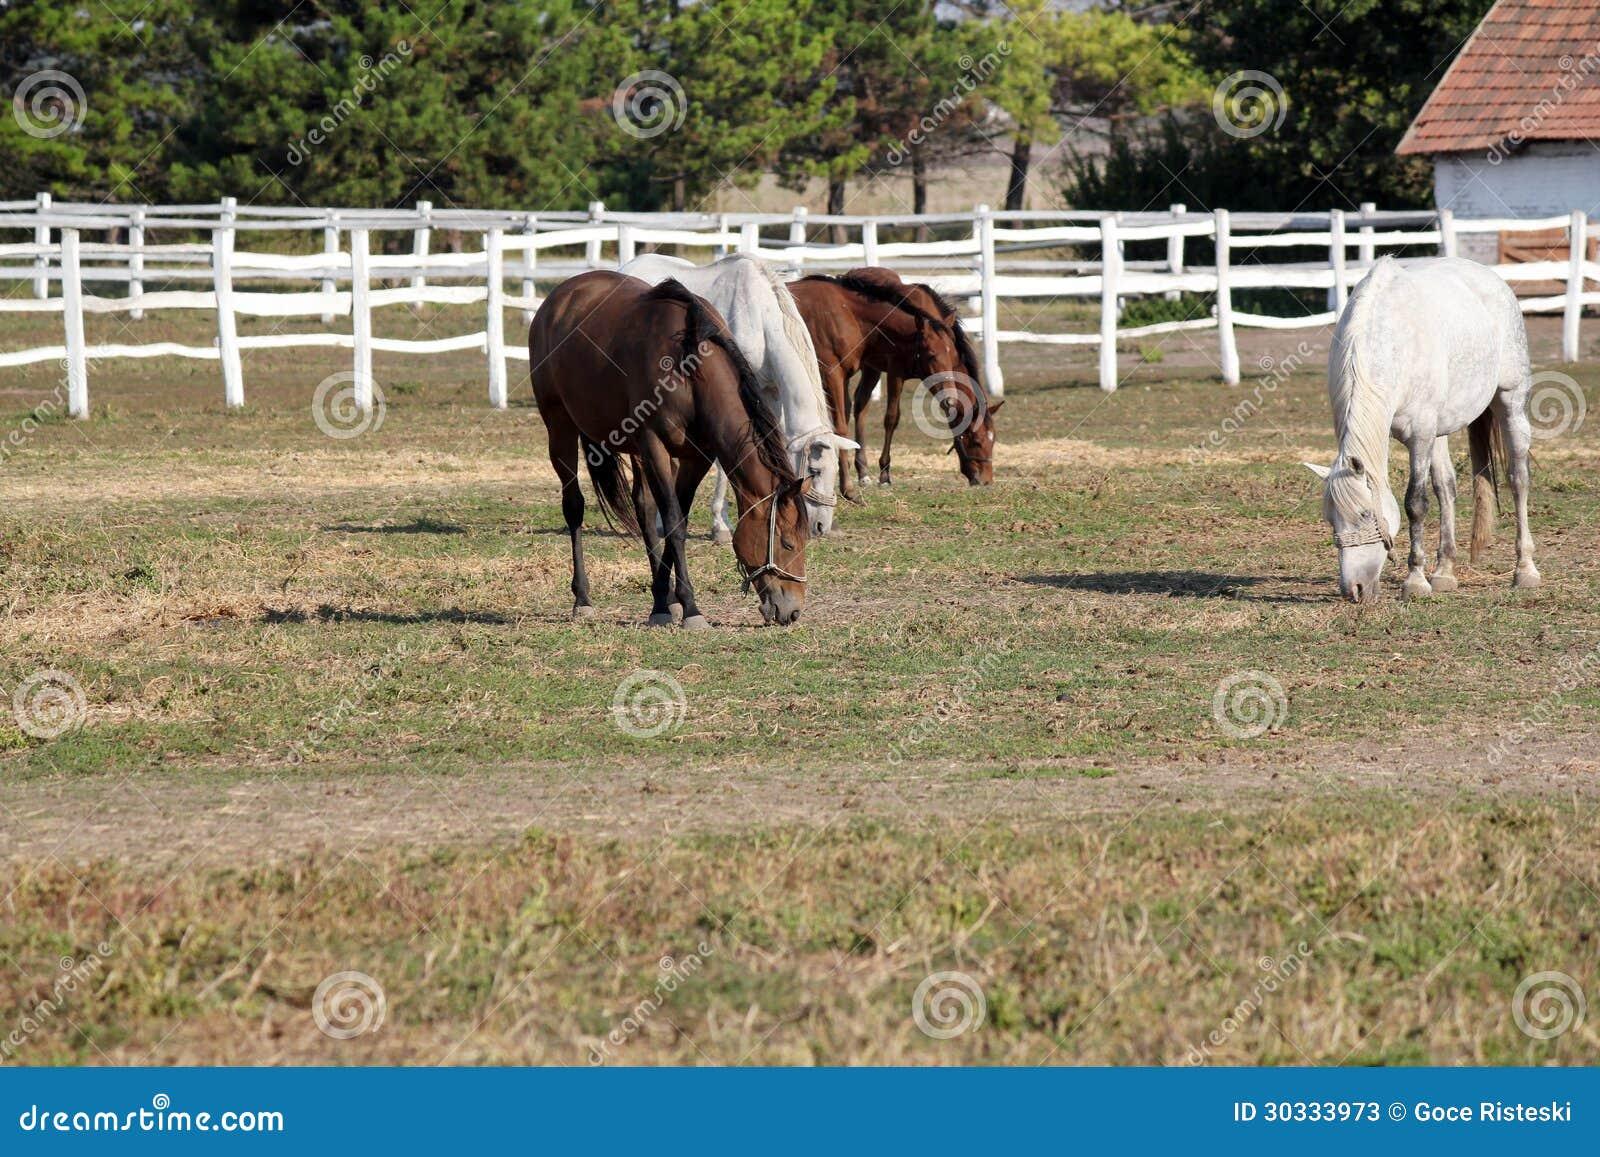 Herde von Pferden in der Hürde